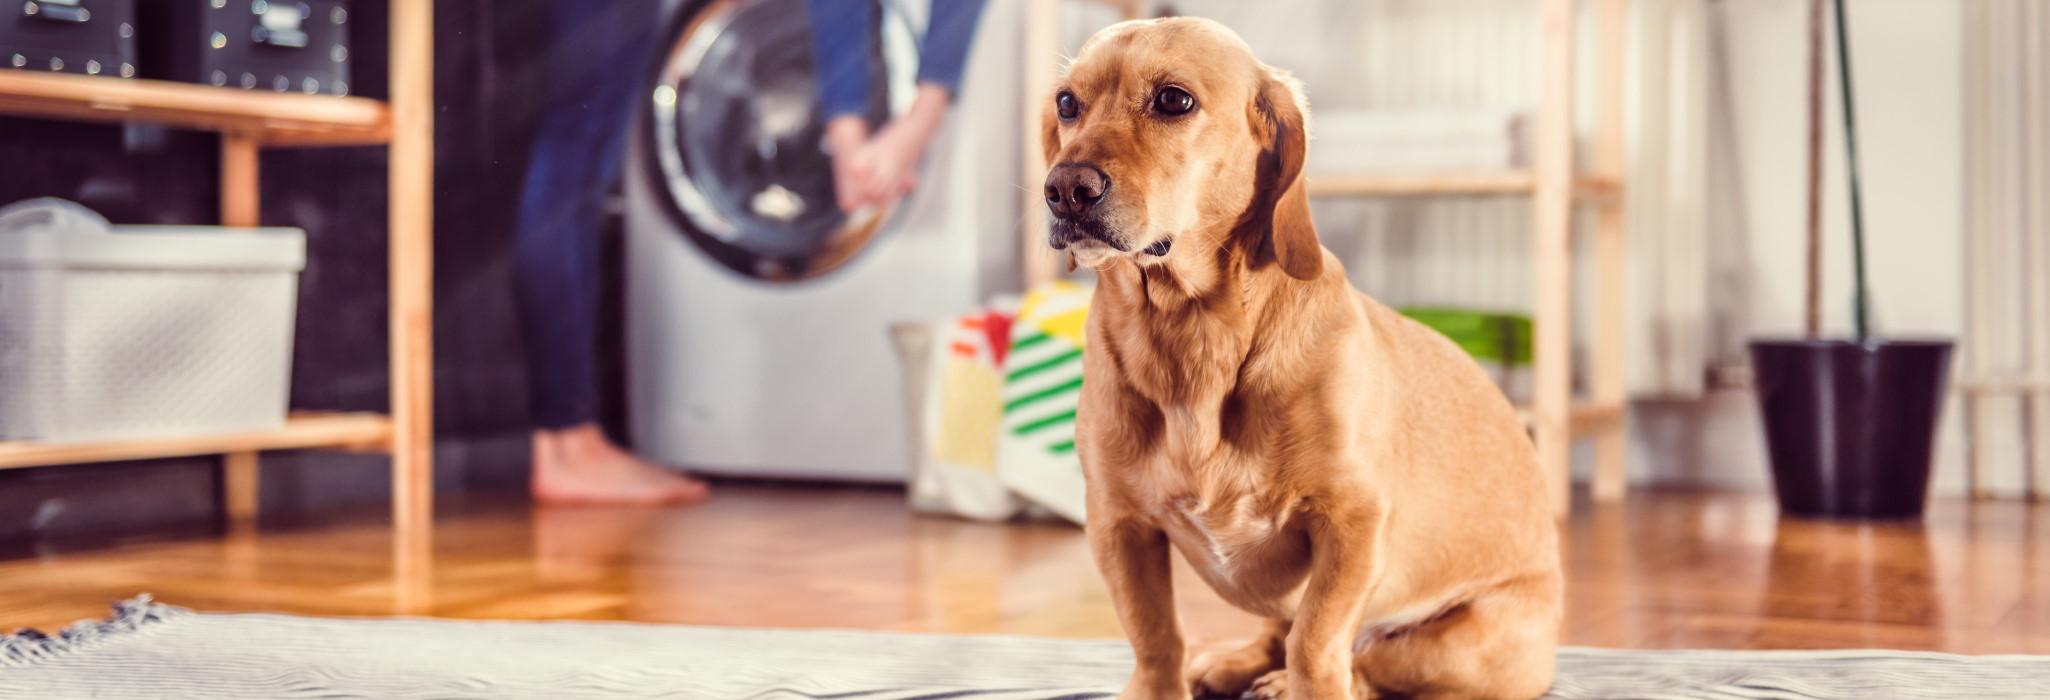 Tierhaftpflichtversicherung Hund